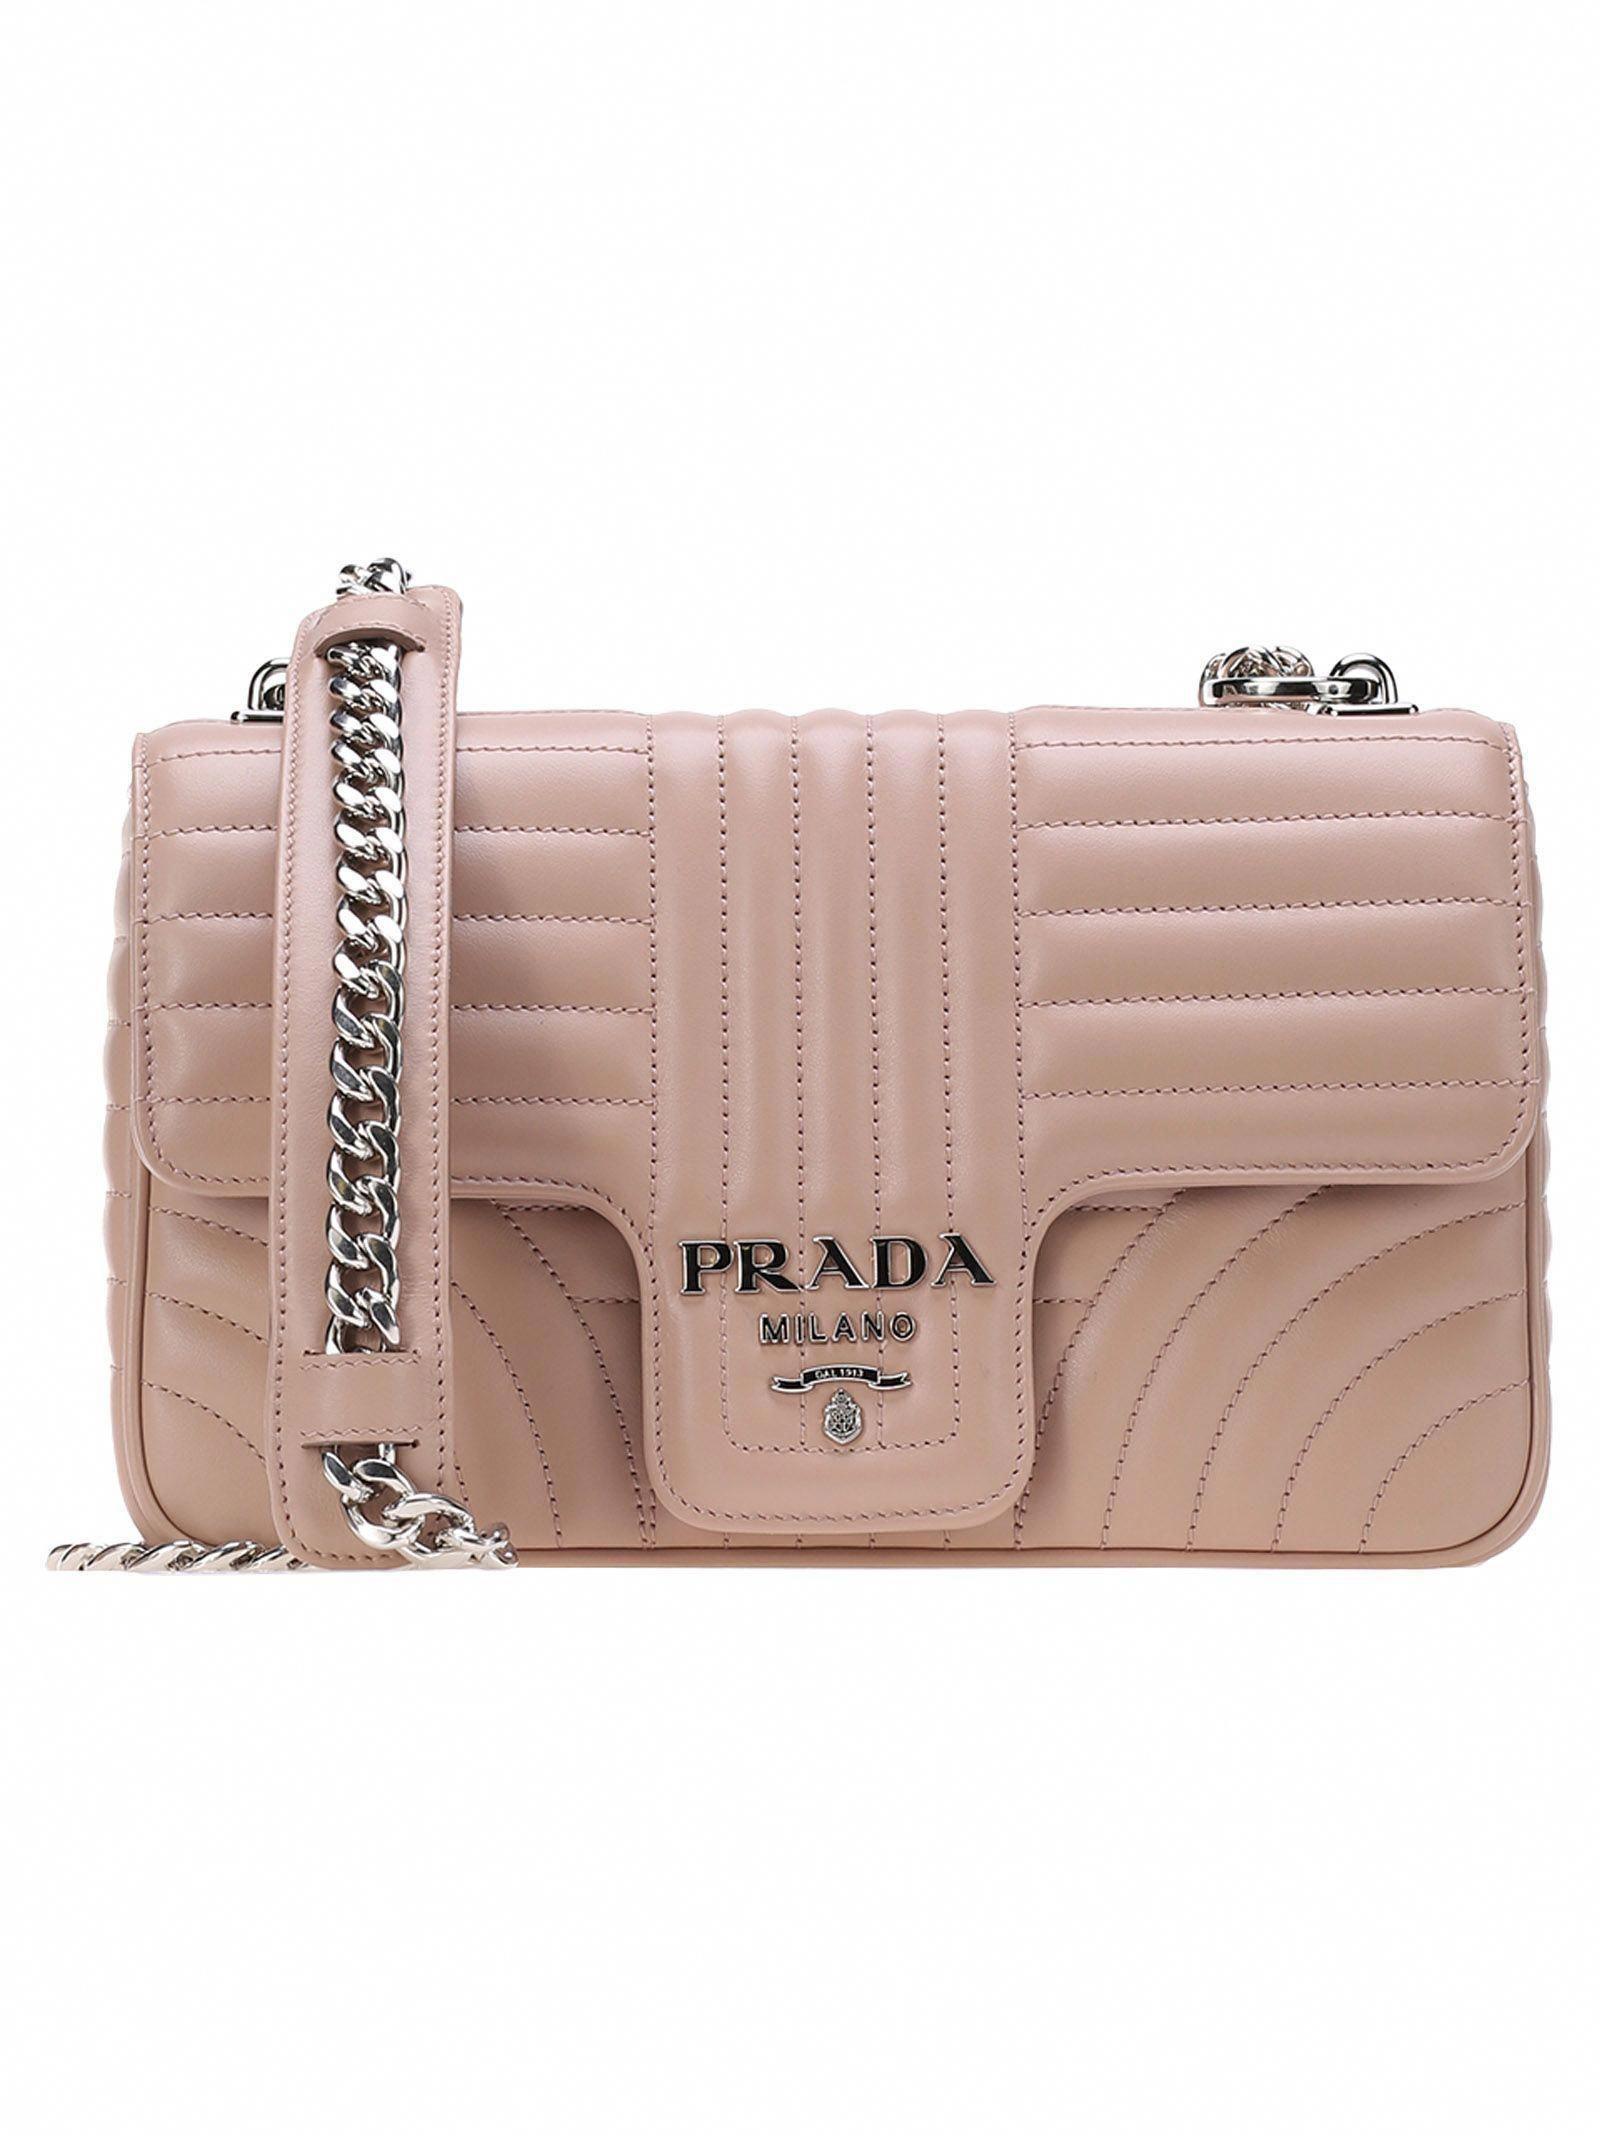 5ae40da668a1 PRADA BEVELLED SHOULDER BAG.  prada  bags  shoulder bags  hand bags   leather    Pradahandbags